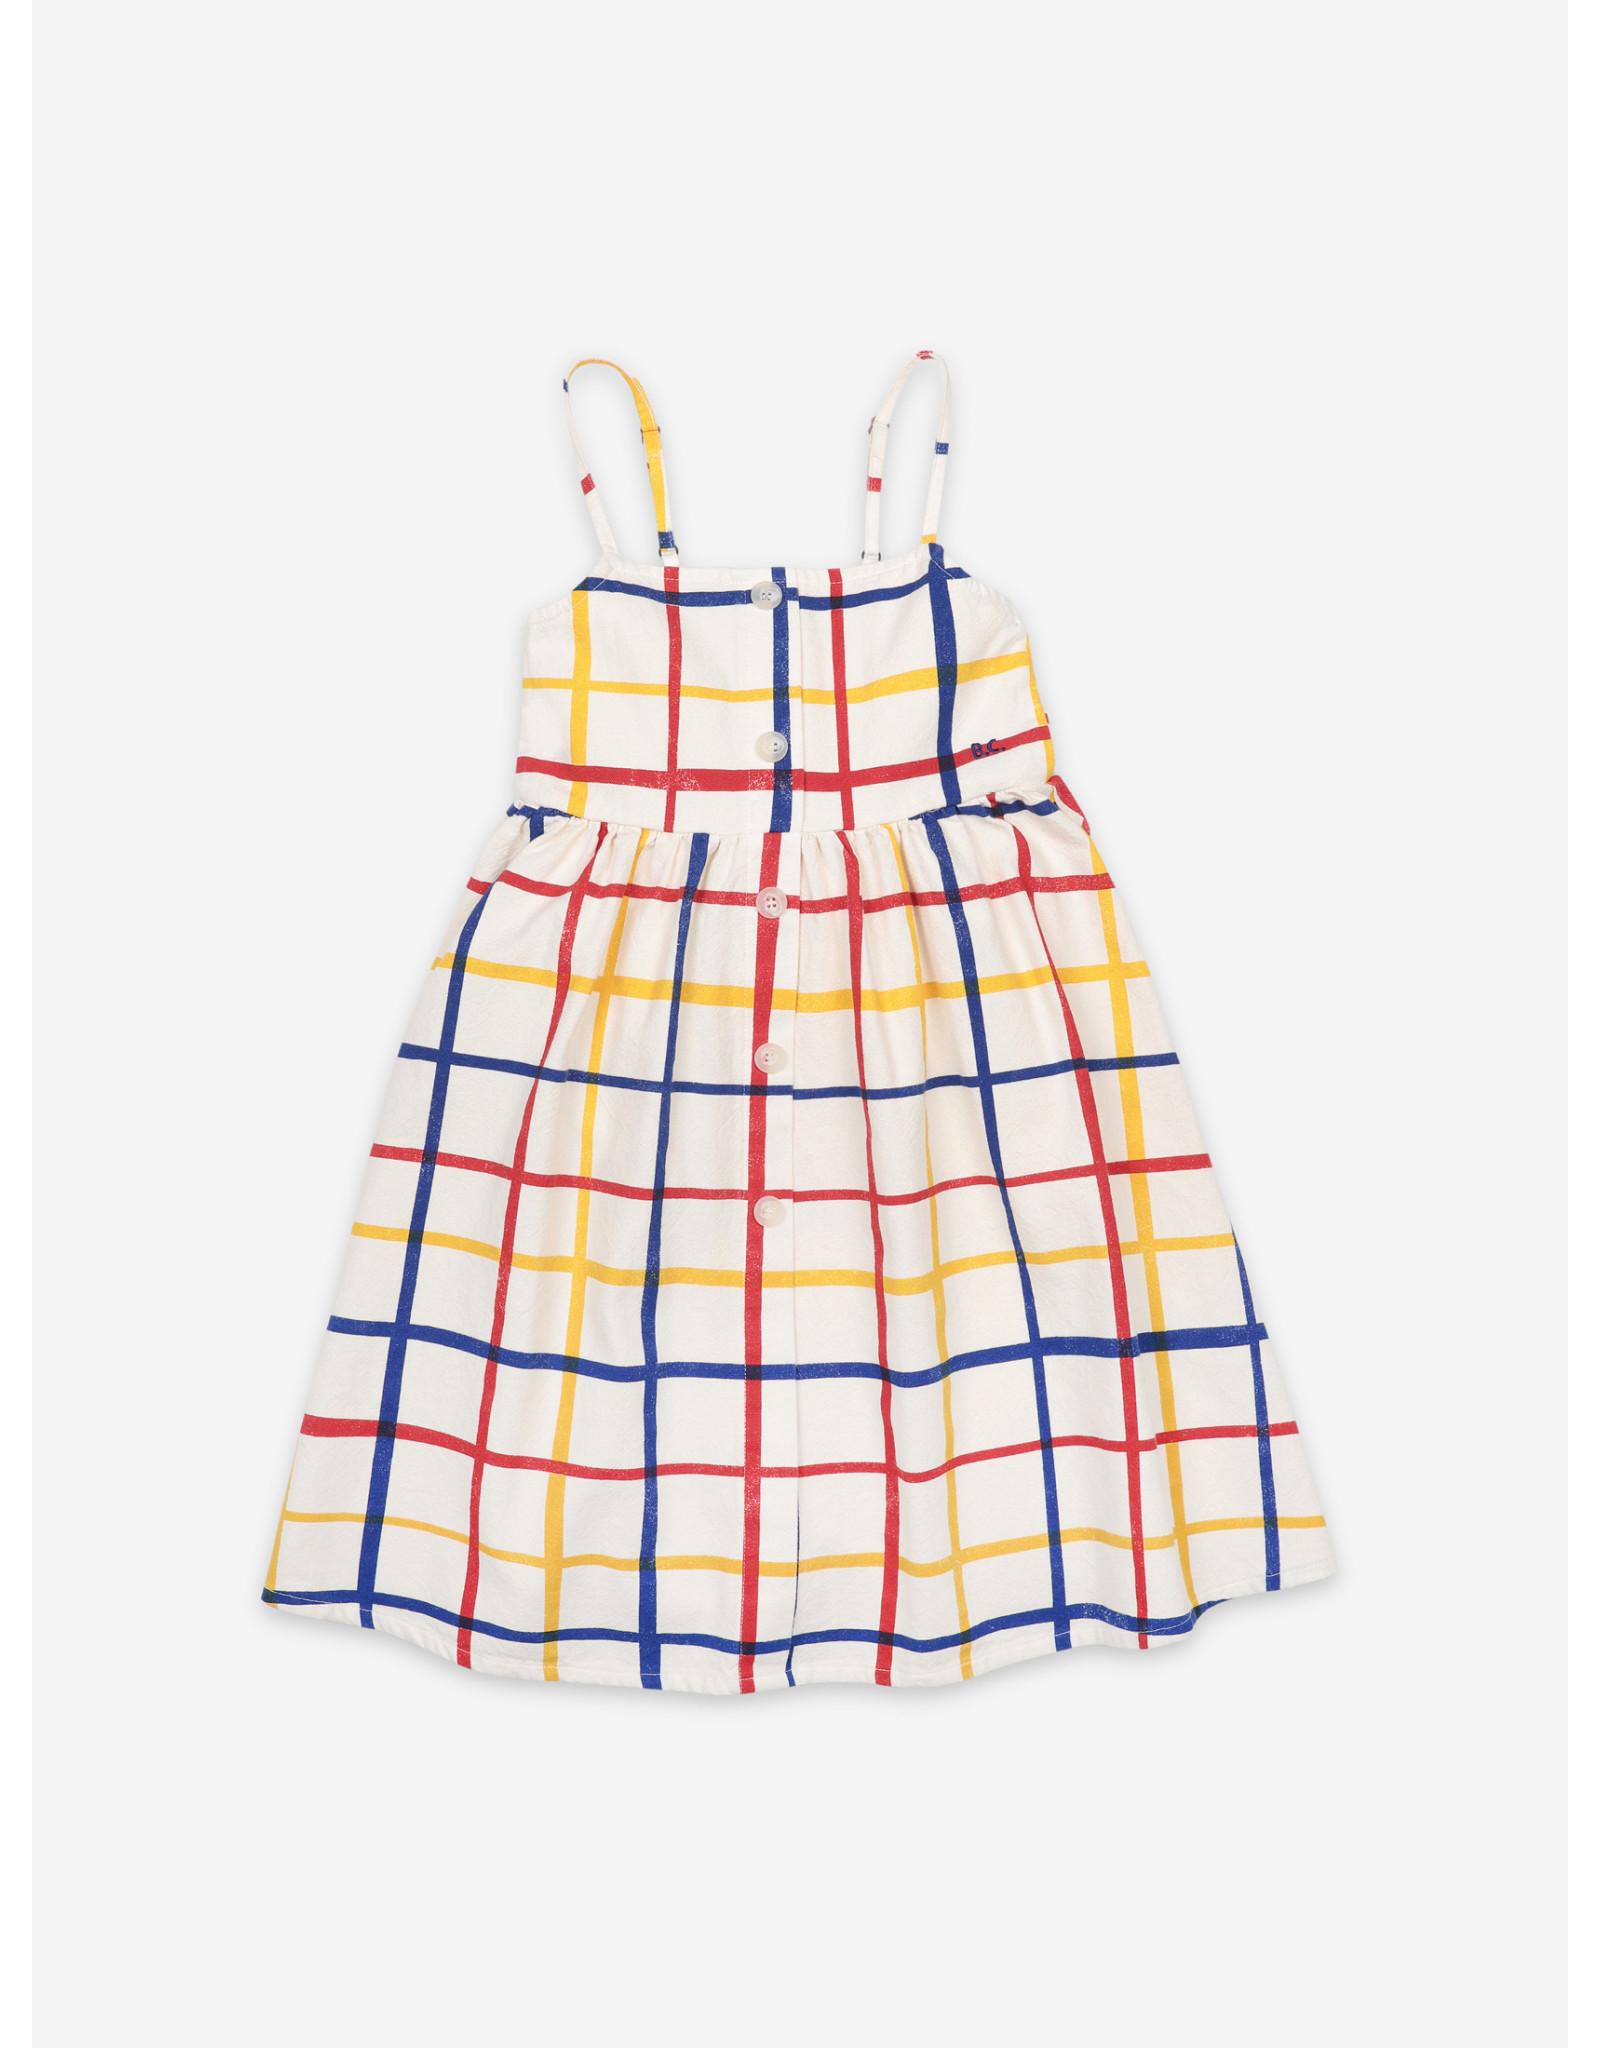 Bobo Choses Bobo Choses Multicolor Checkered Woven Dress